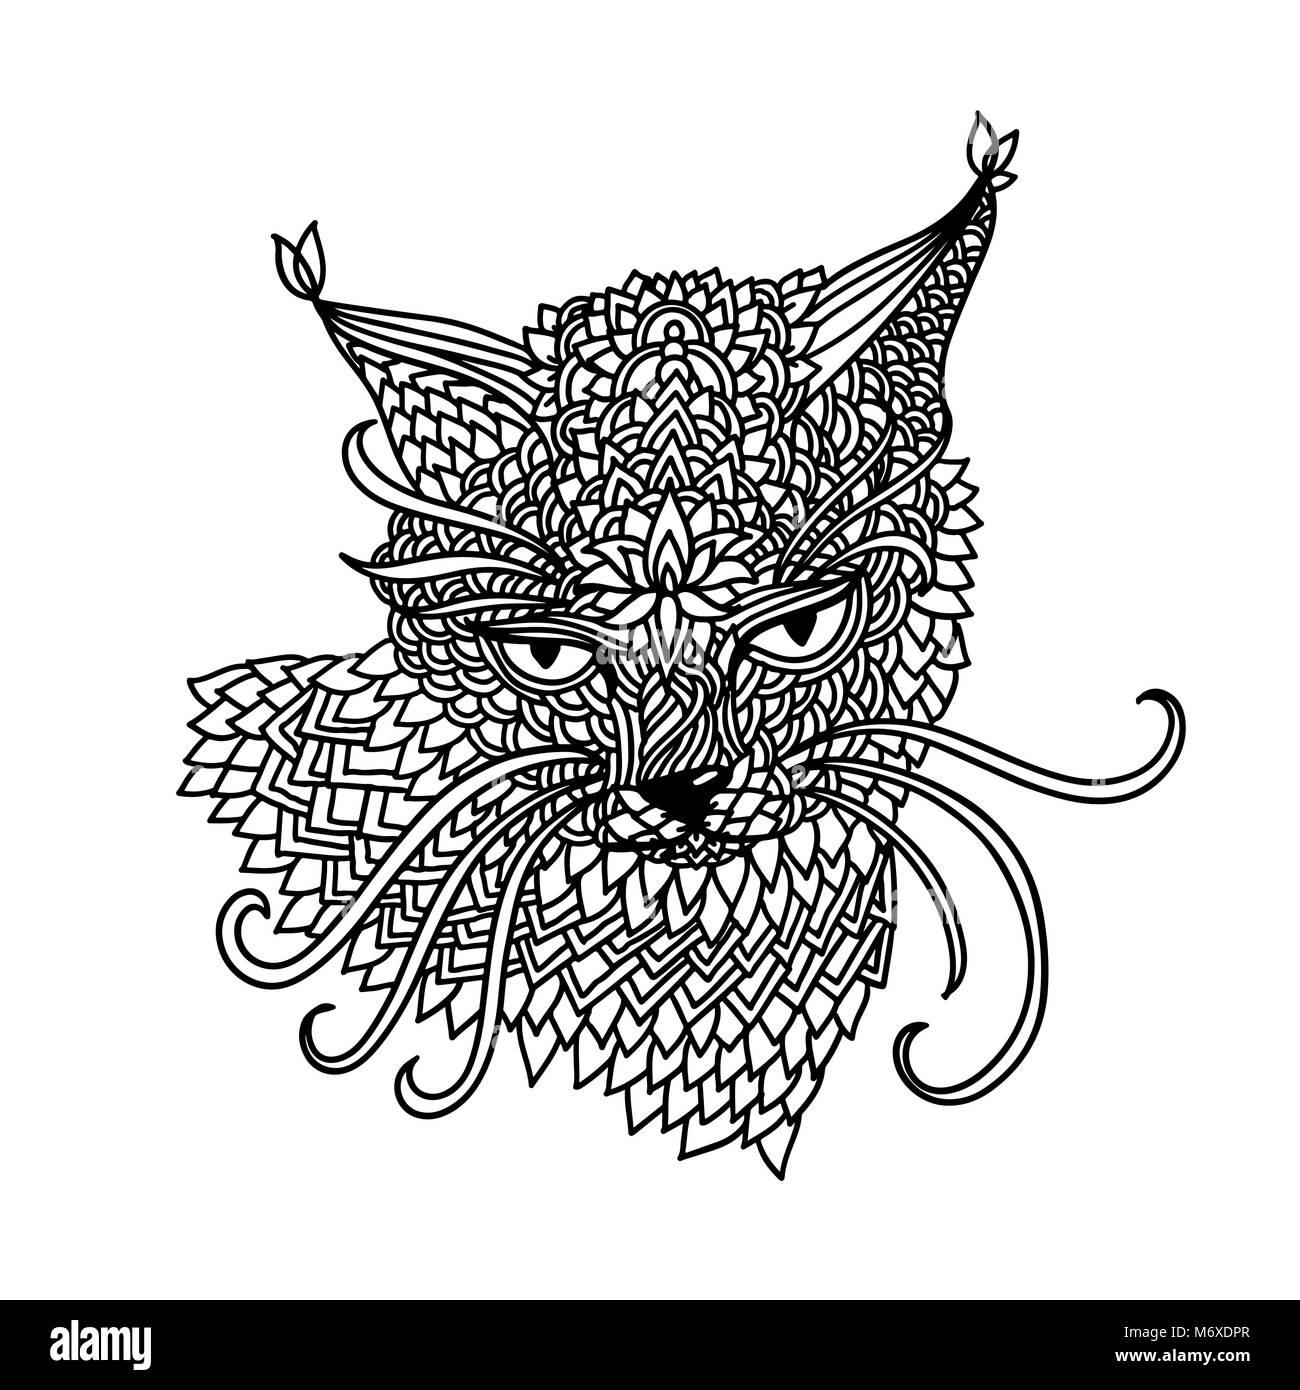 Coloriage Adulte Fond Noir.Chat Dans Mandala Style De Motif Zentagle Fond Noir Et Blanc Livre